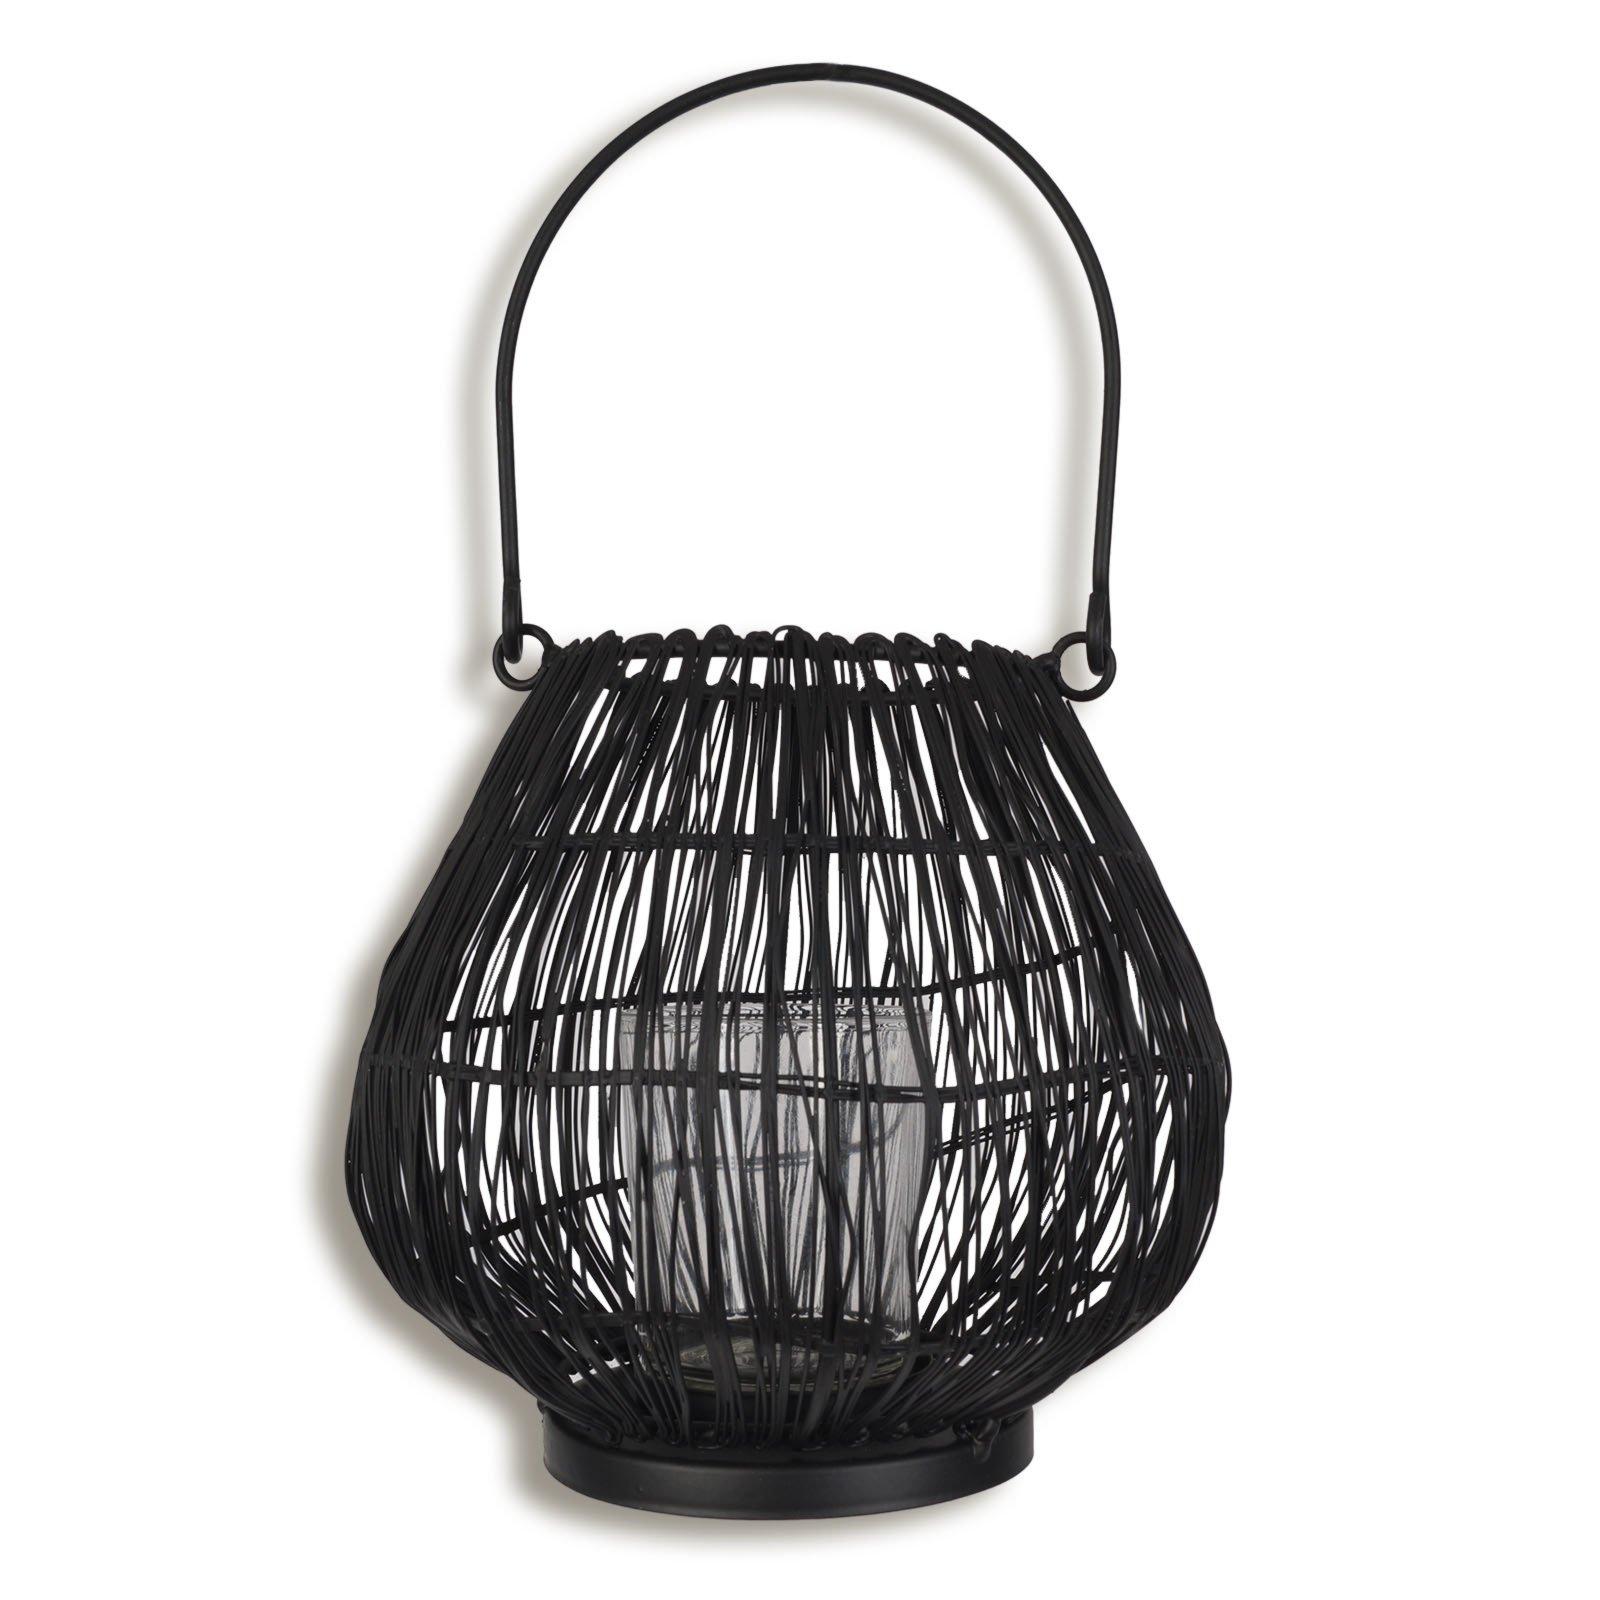 windlicht schwarz mit glaseinsatz kerzen kerzenhalter deko artikel deko haushalt. Black Bedroom Furniture Sets. Home Design Ideas